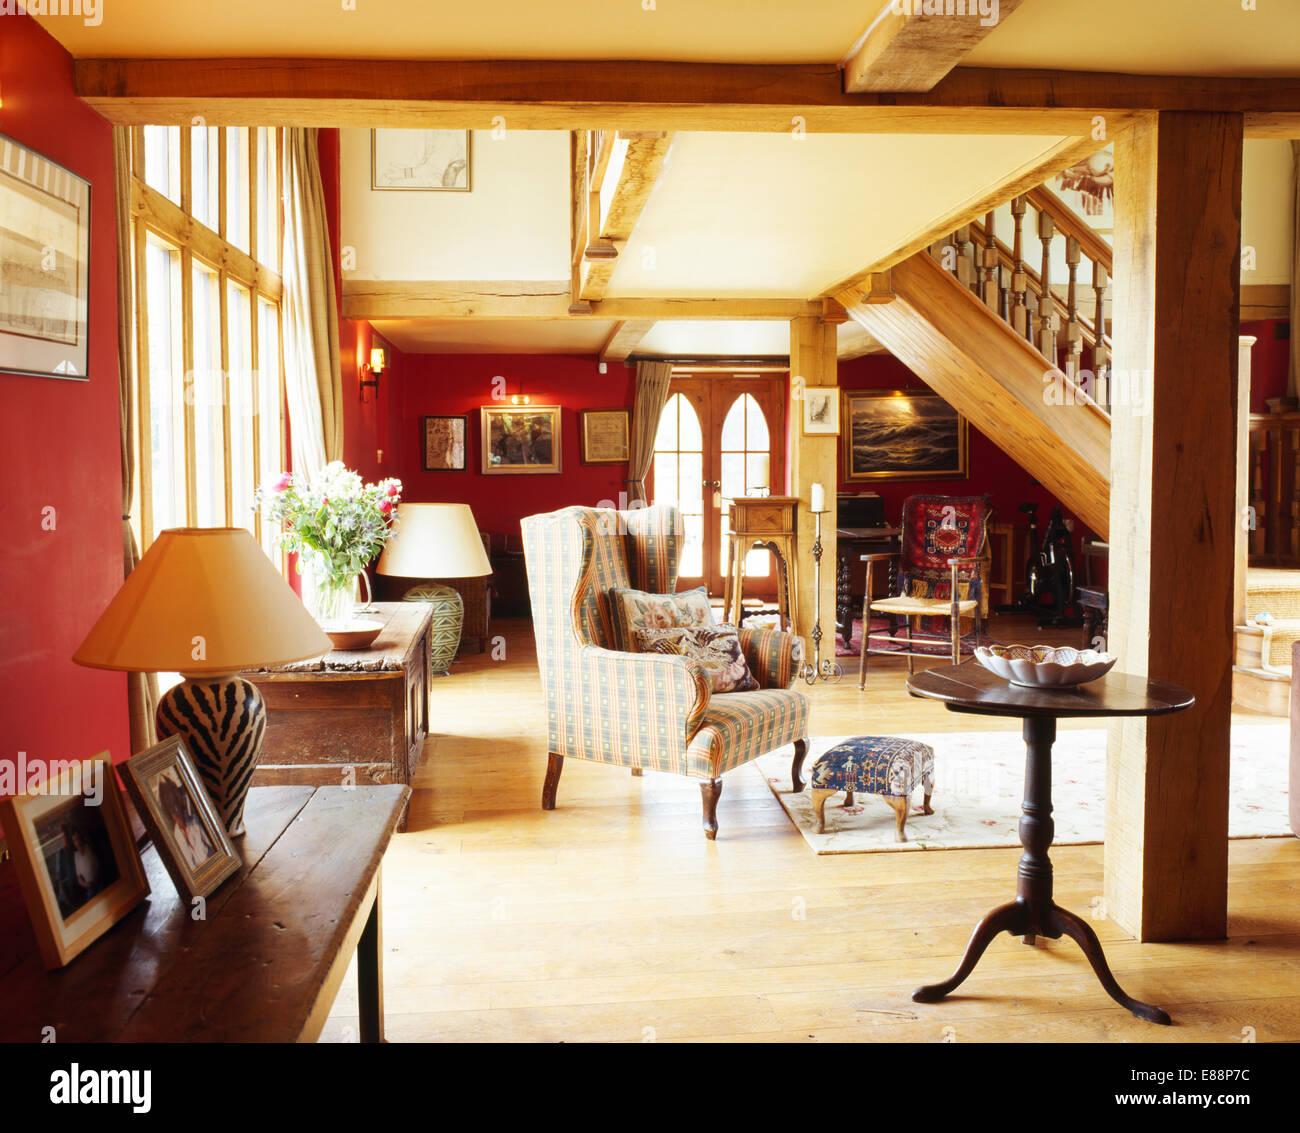 Wunderbar Antiker Beistelltisch Anzeige Bequemen Sessel In Rot Und Creme Hall  Wohnzimmer Mit Holzboden